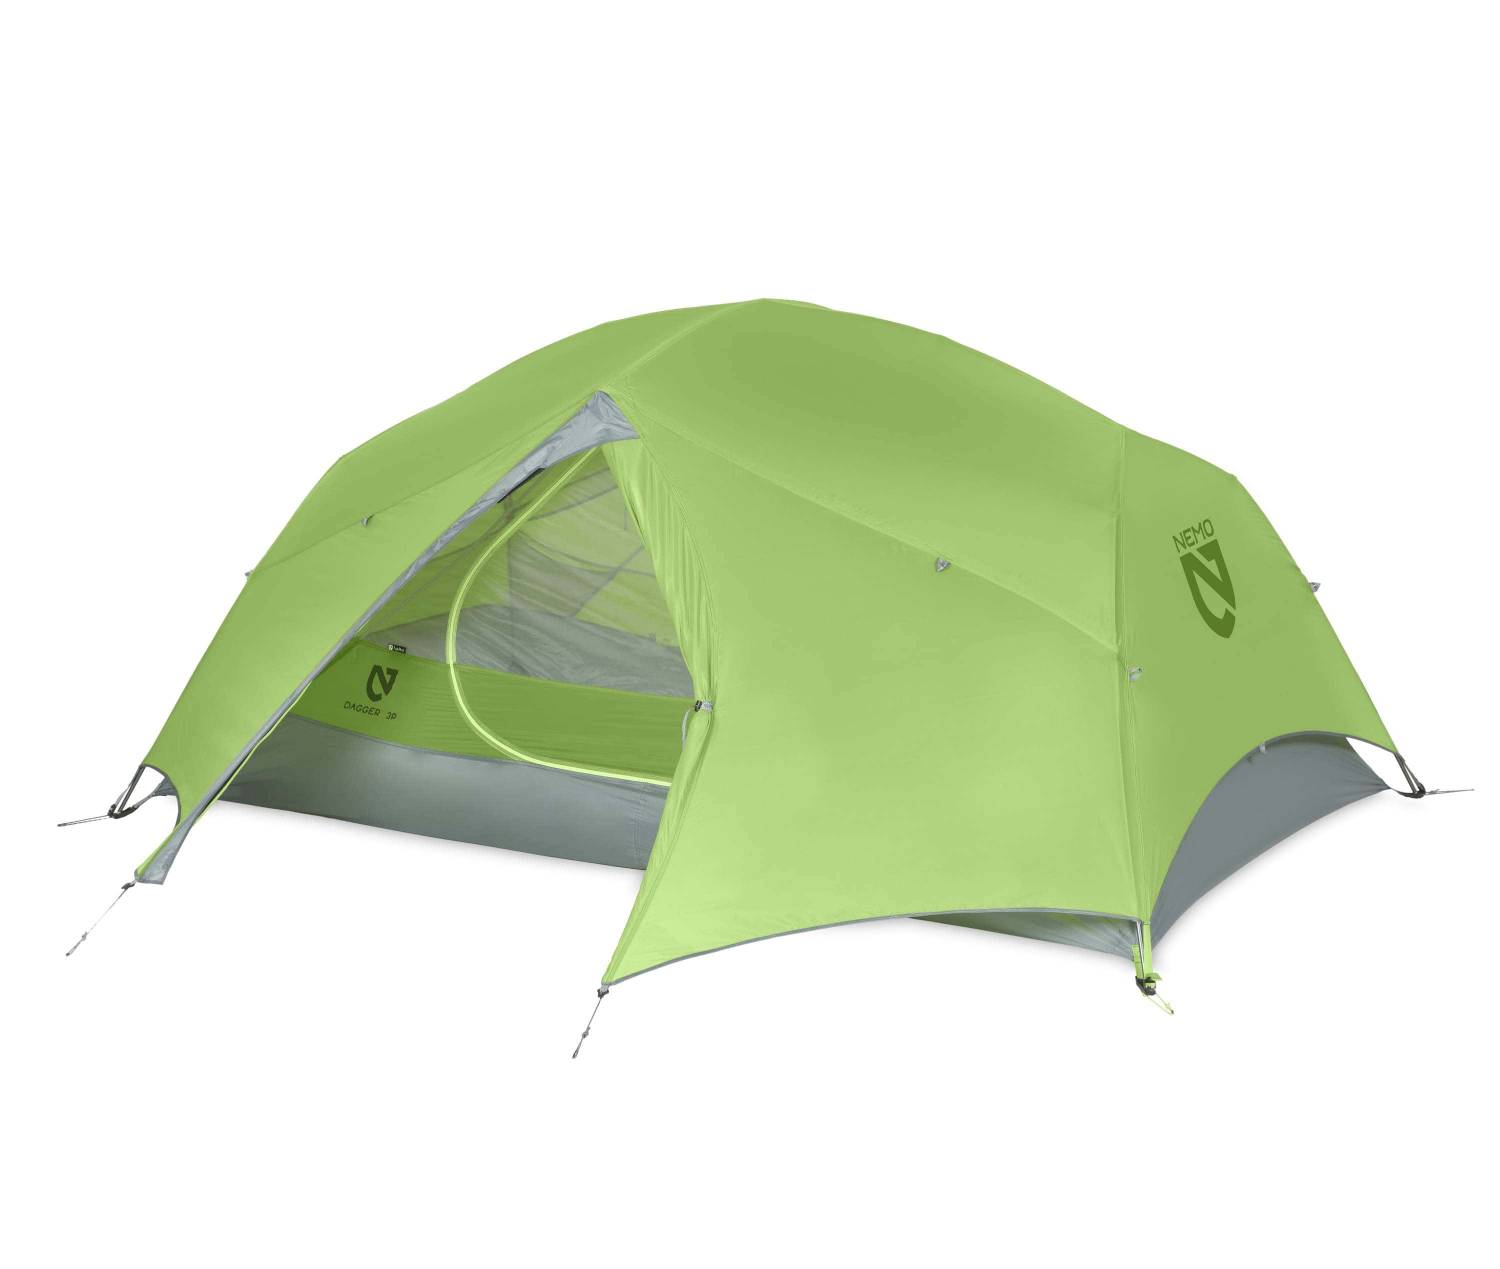 Nemo-Dagger 3P Tent